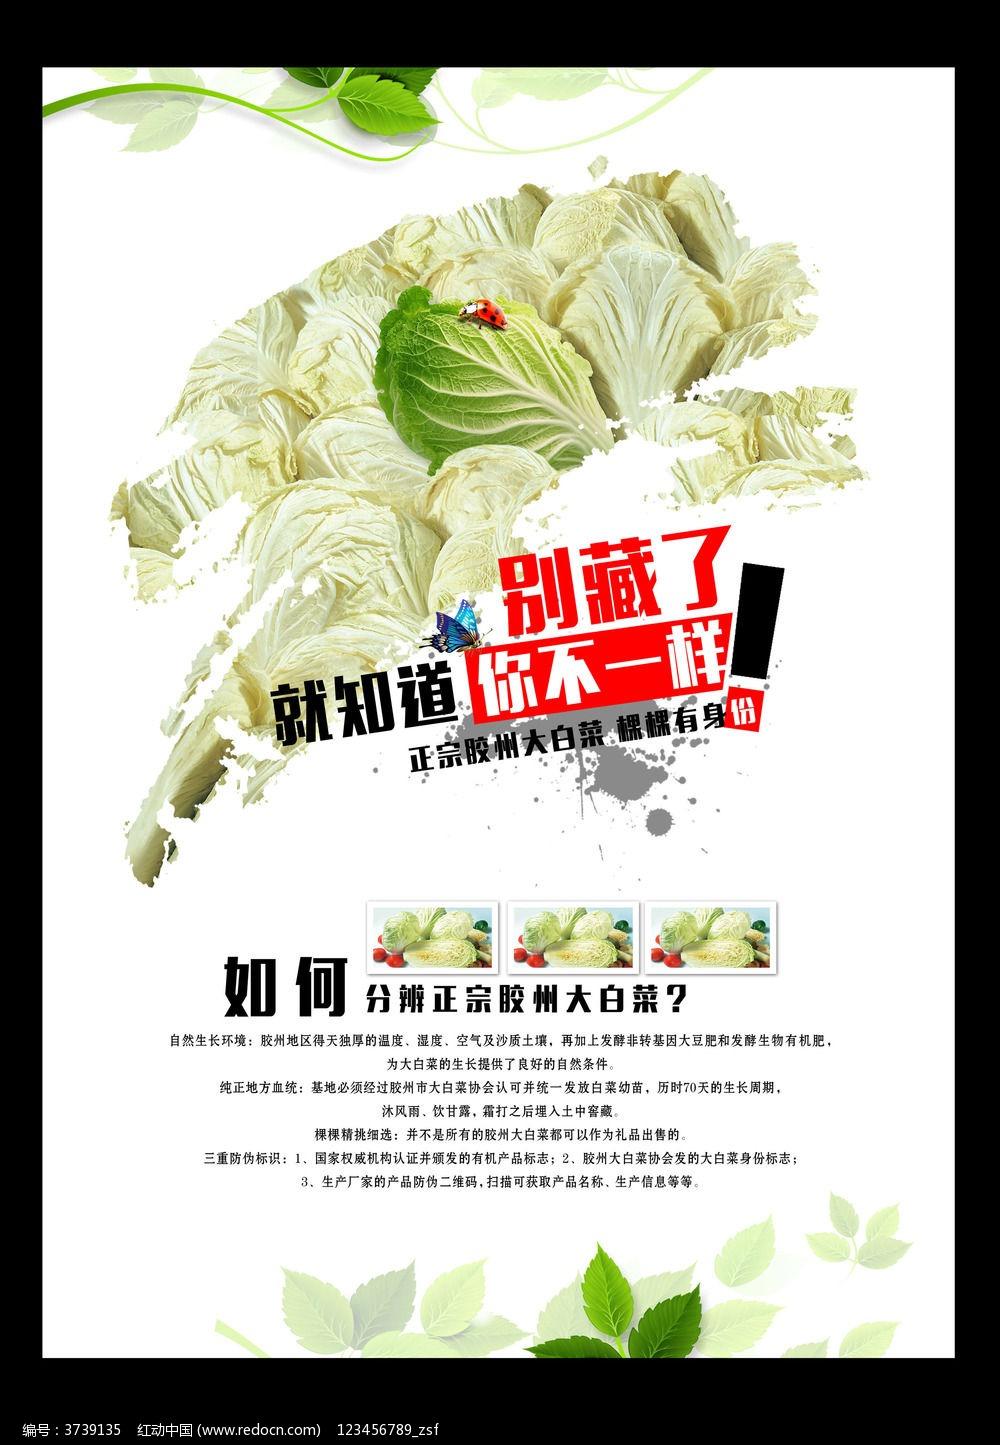 当前位置:原创设计稿>海报设计/宣传单/广告牌>海报设计>蔬菜海报设计